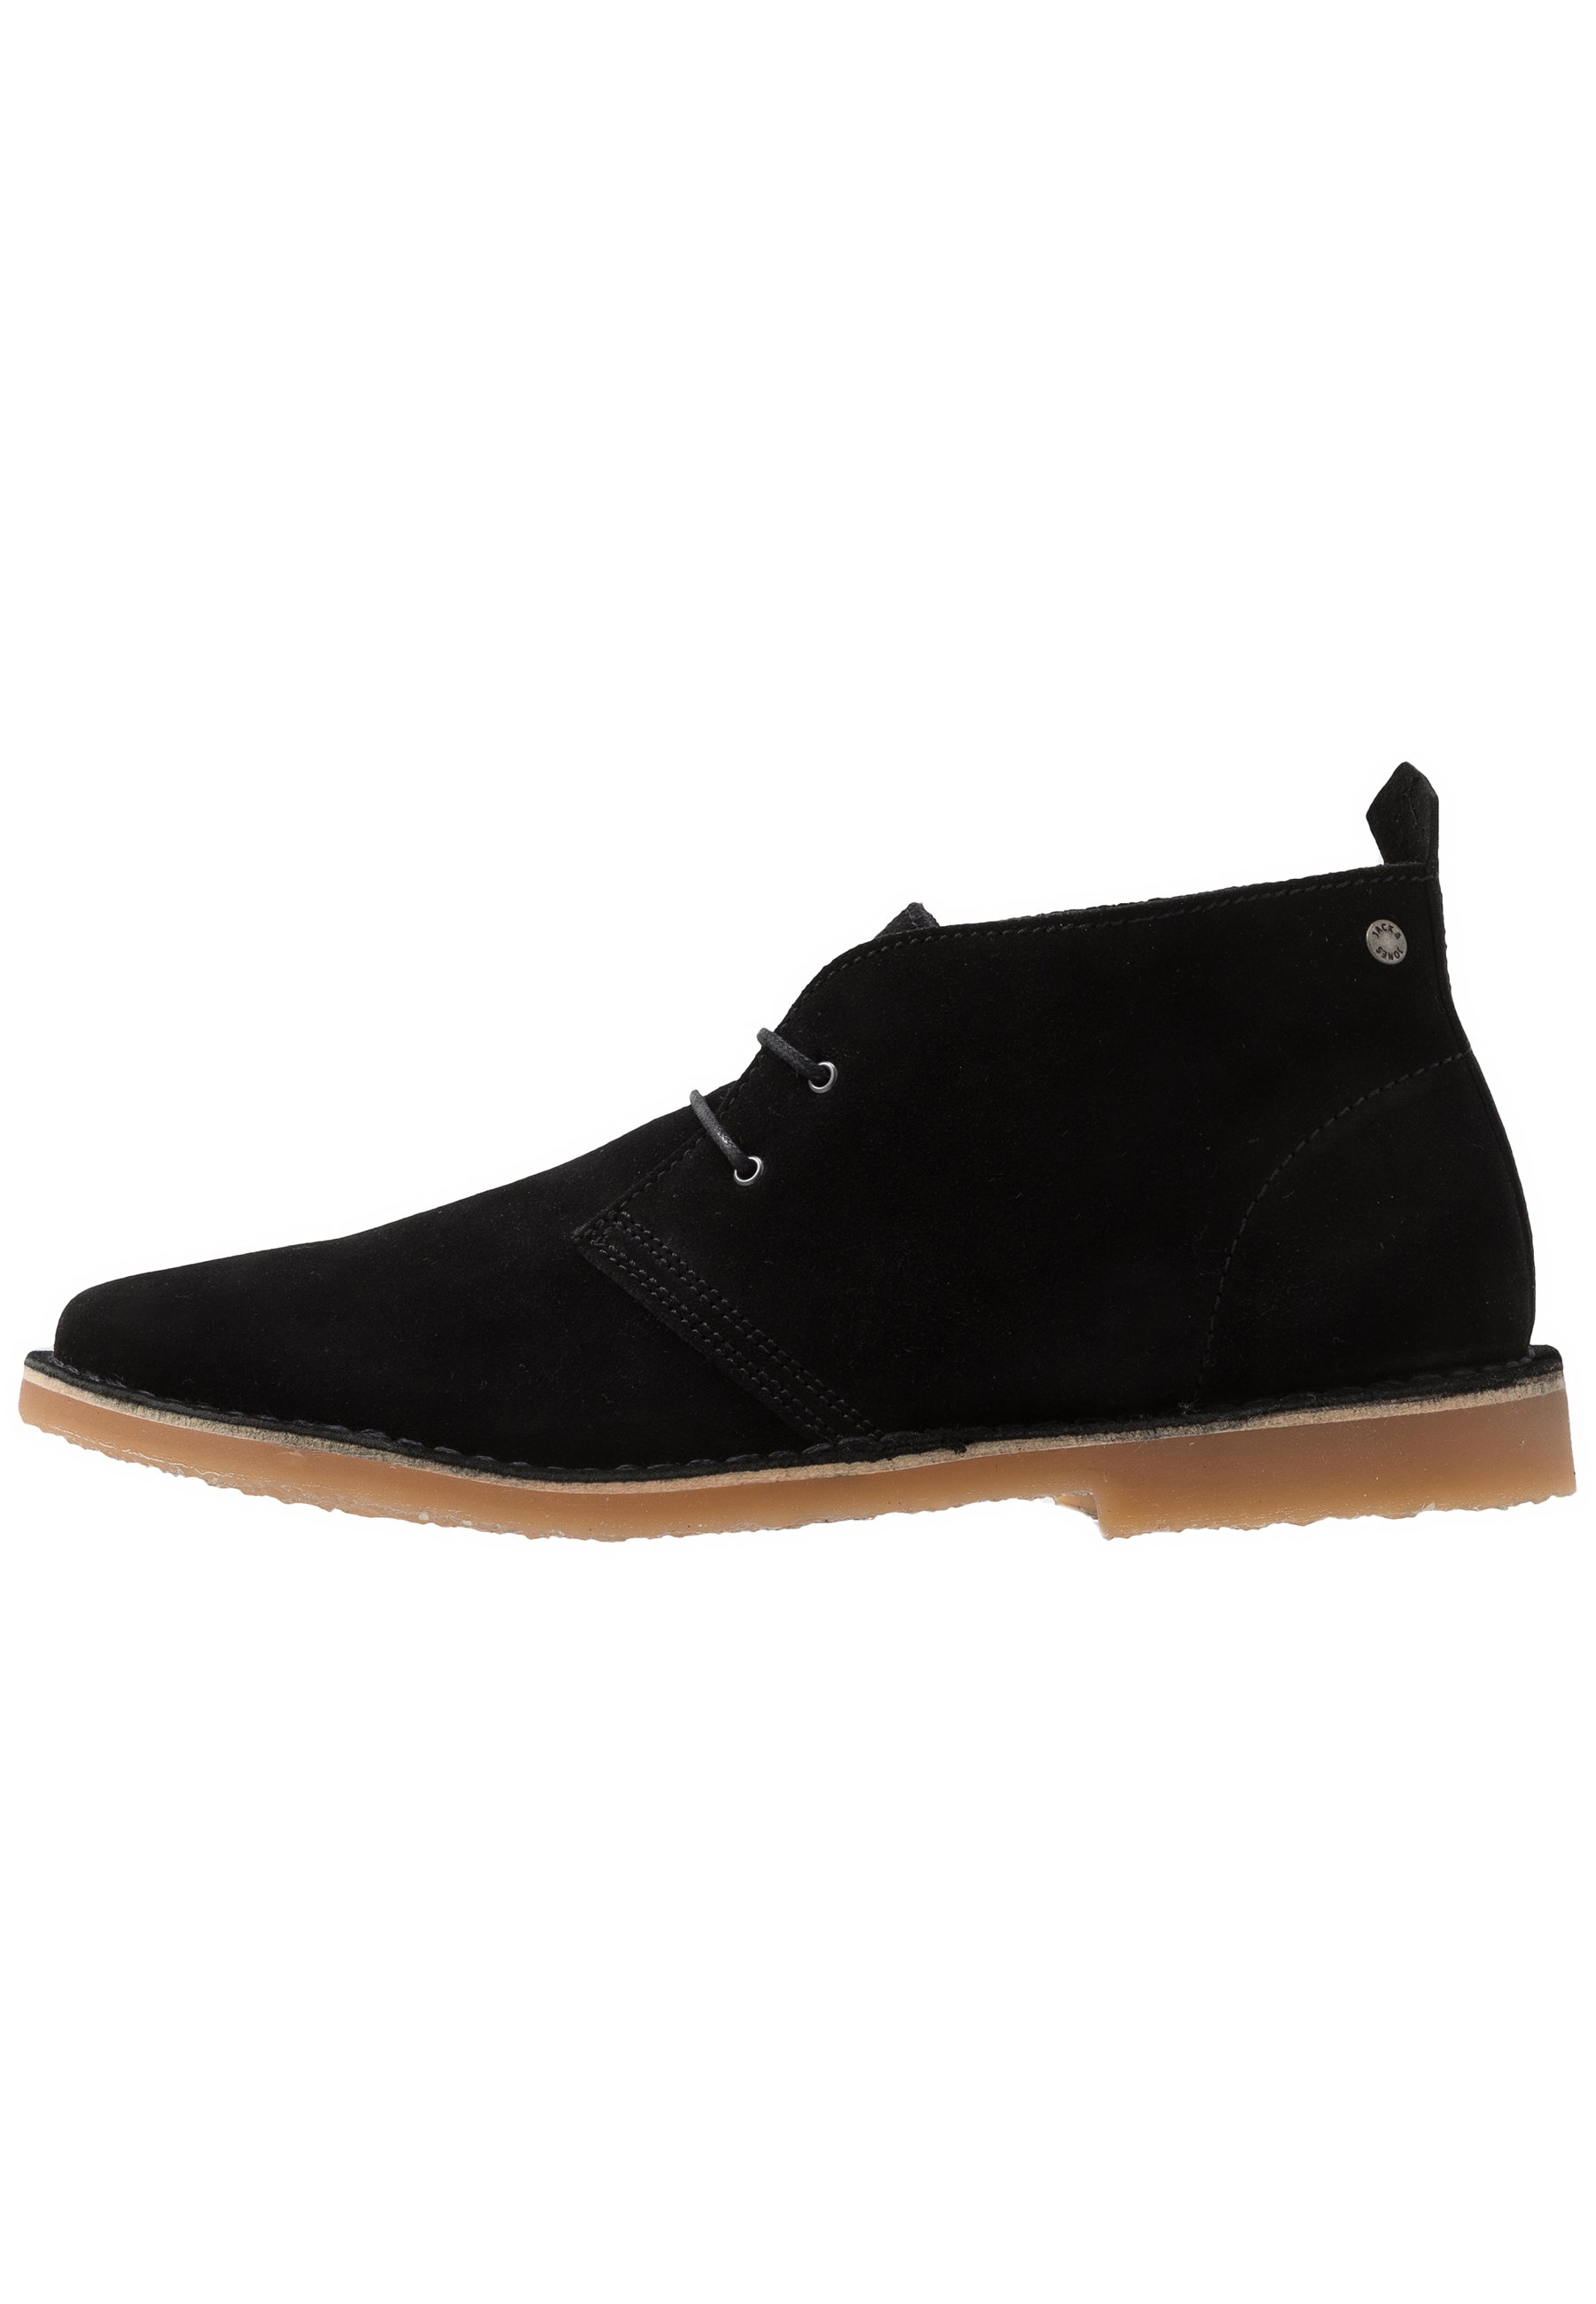 Zapatos con cordones de hombre | Comprar online en Zalando